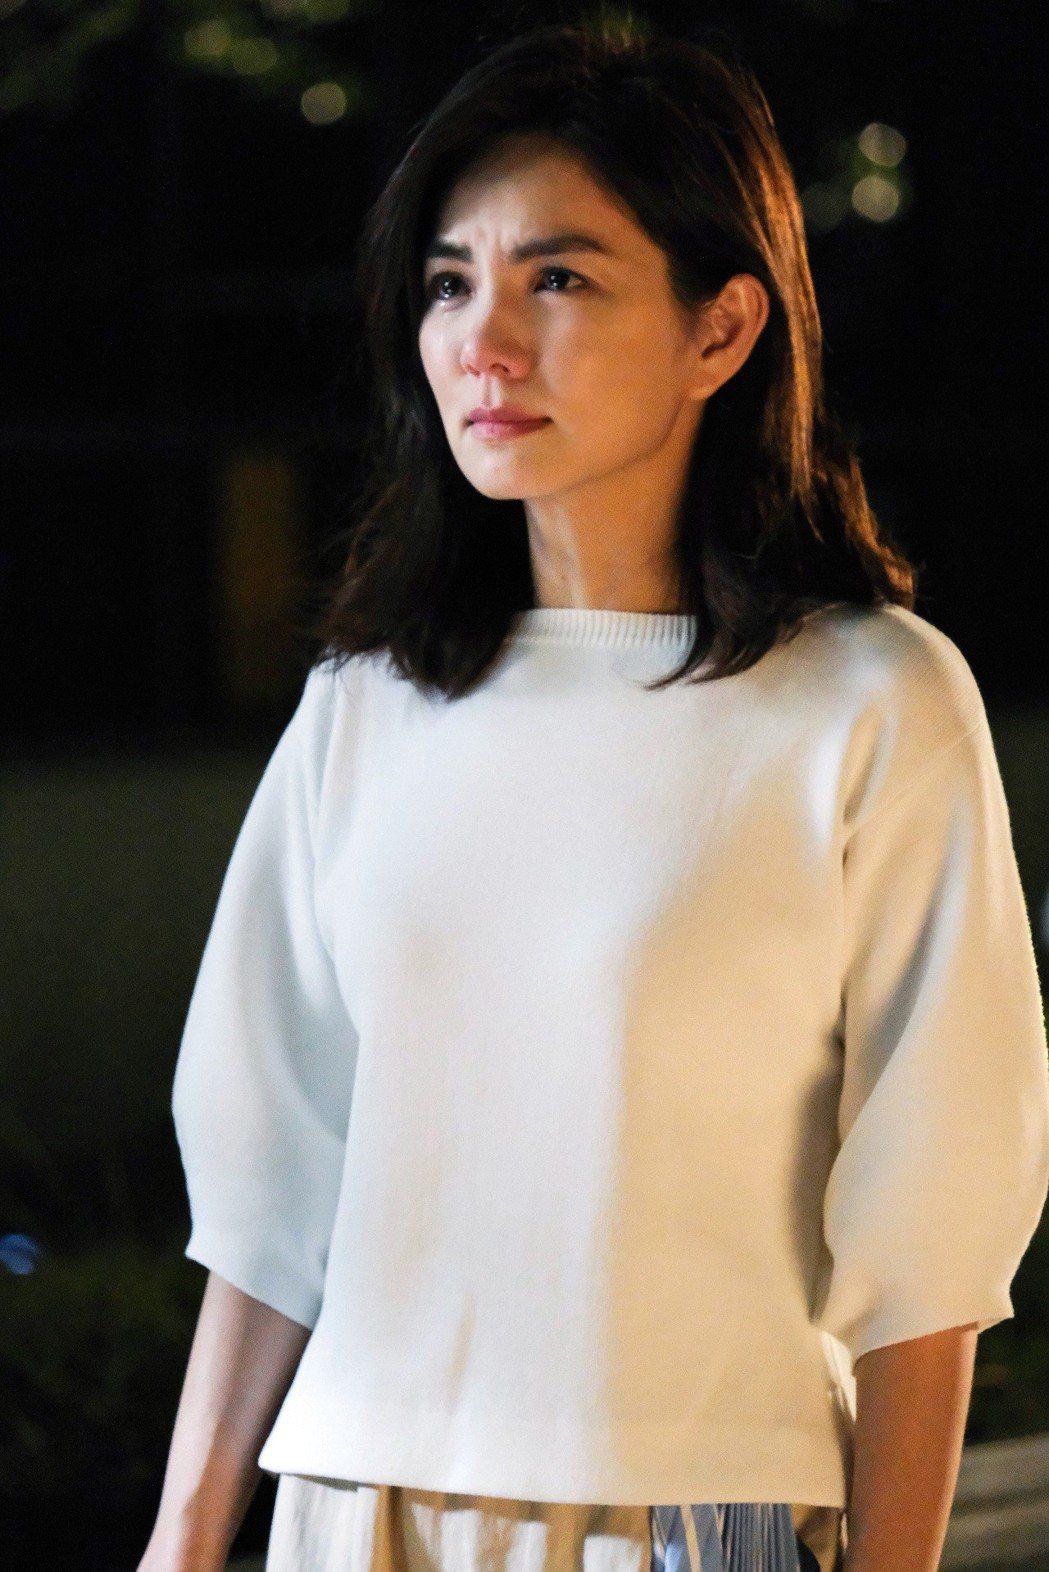 Ella新歌「都幾歲了」。圖/勁樺娛樂提供